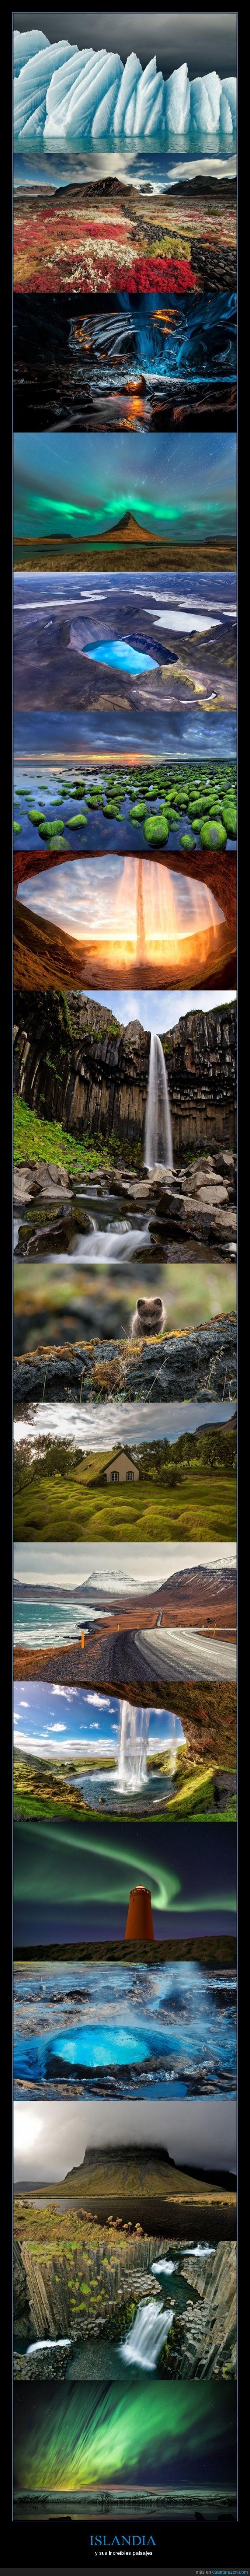 agua,aurora,cascada,elementos,estaciones,fotos,géiser,glaciar,hielo,islandia,montaña,naturaleza,paisajes,tierra